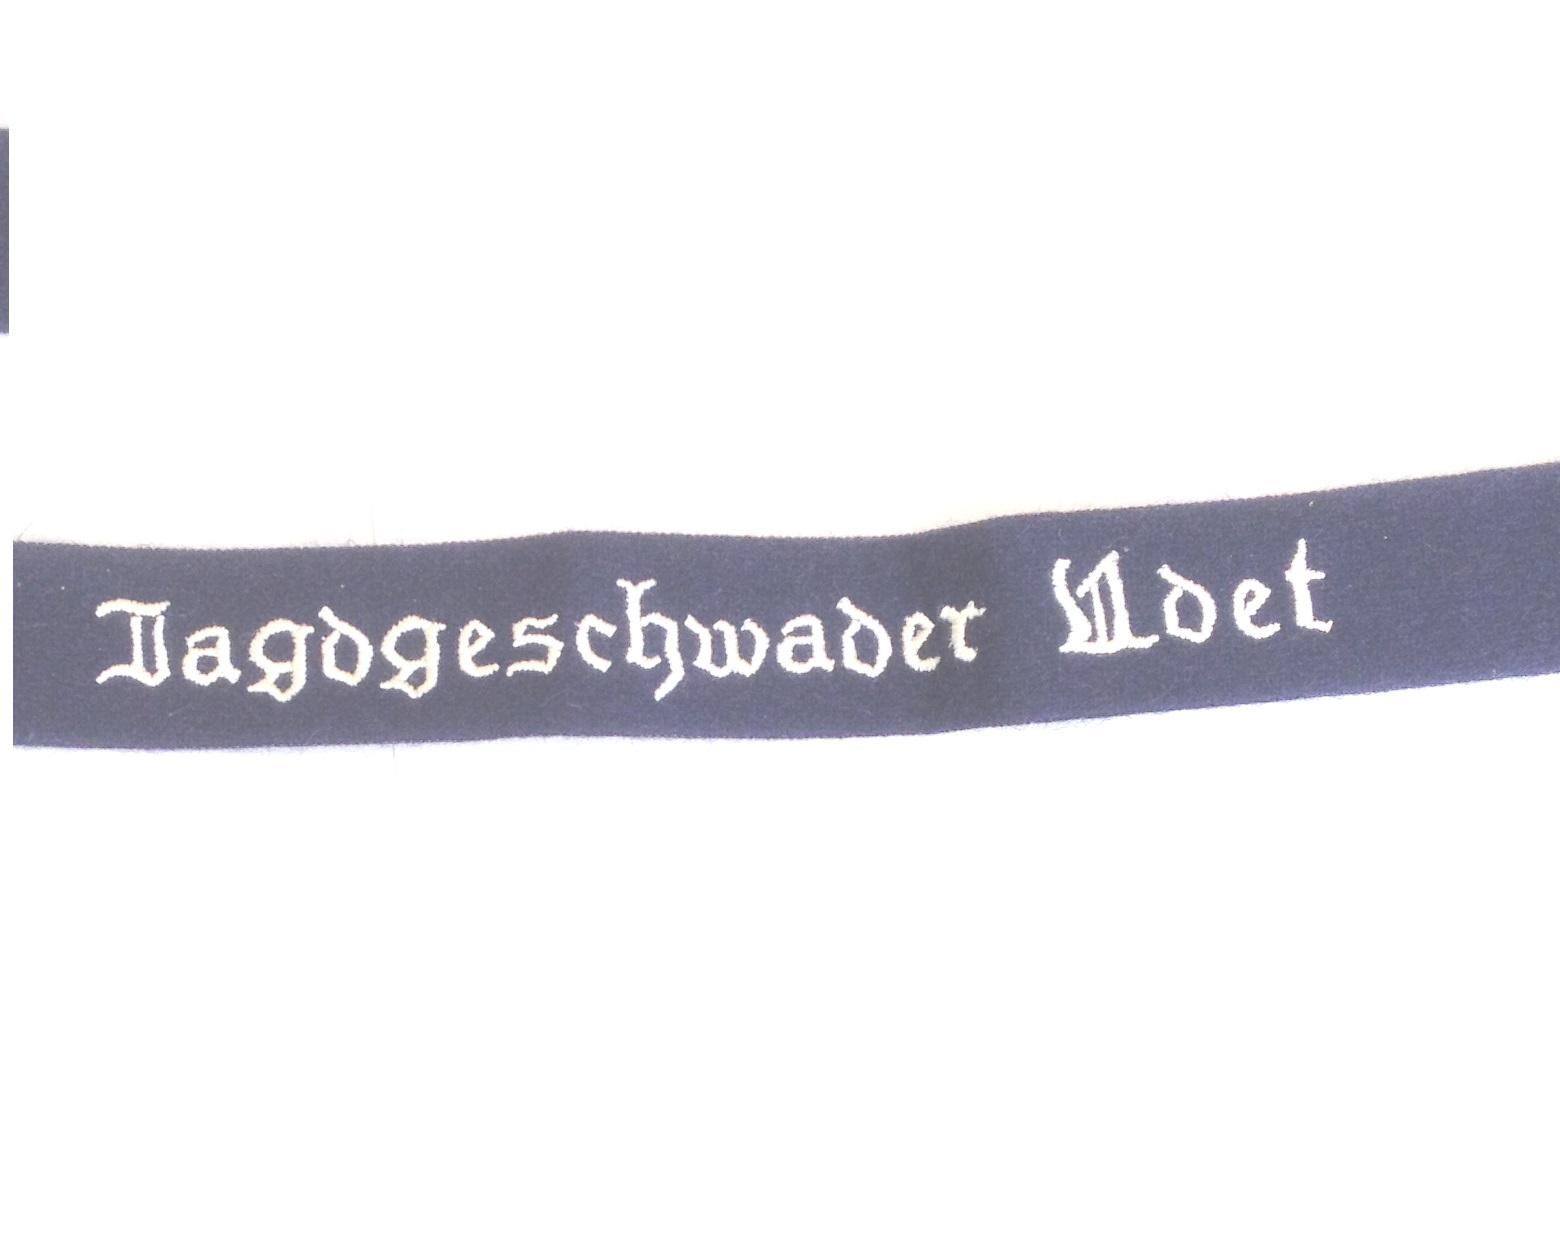 German Luftwaffe Jagdgeschwader UDET Cuff title